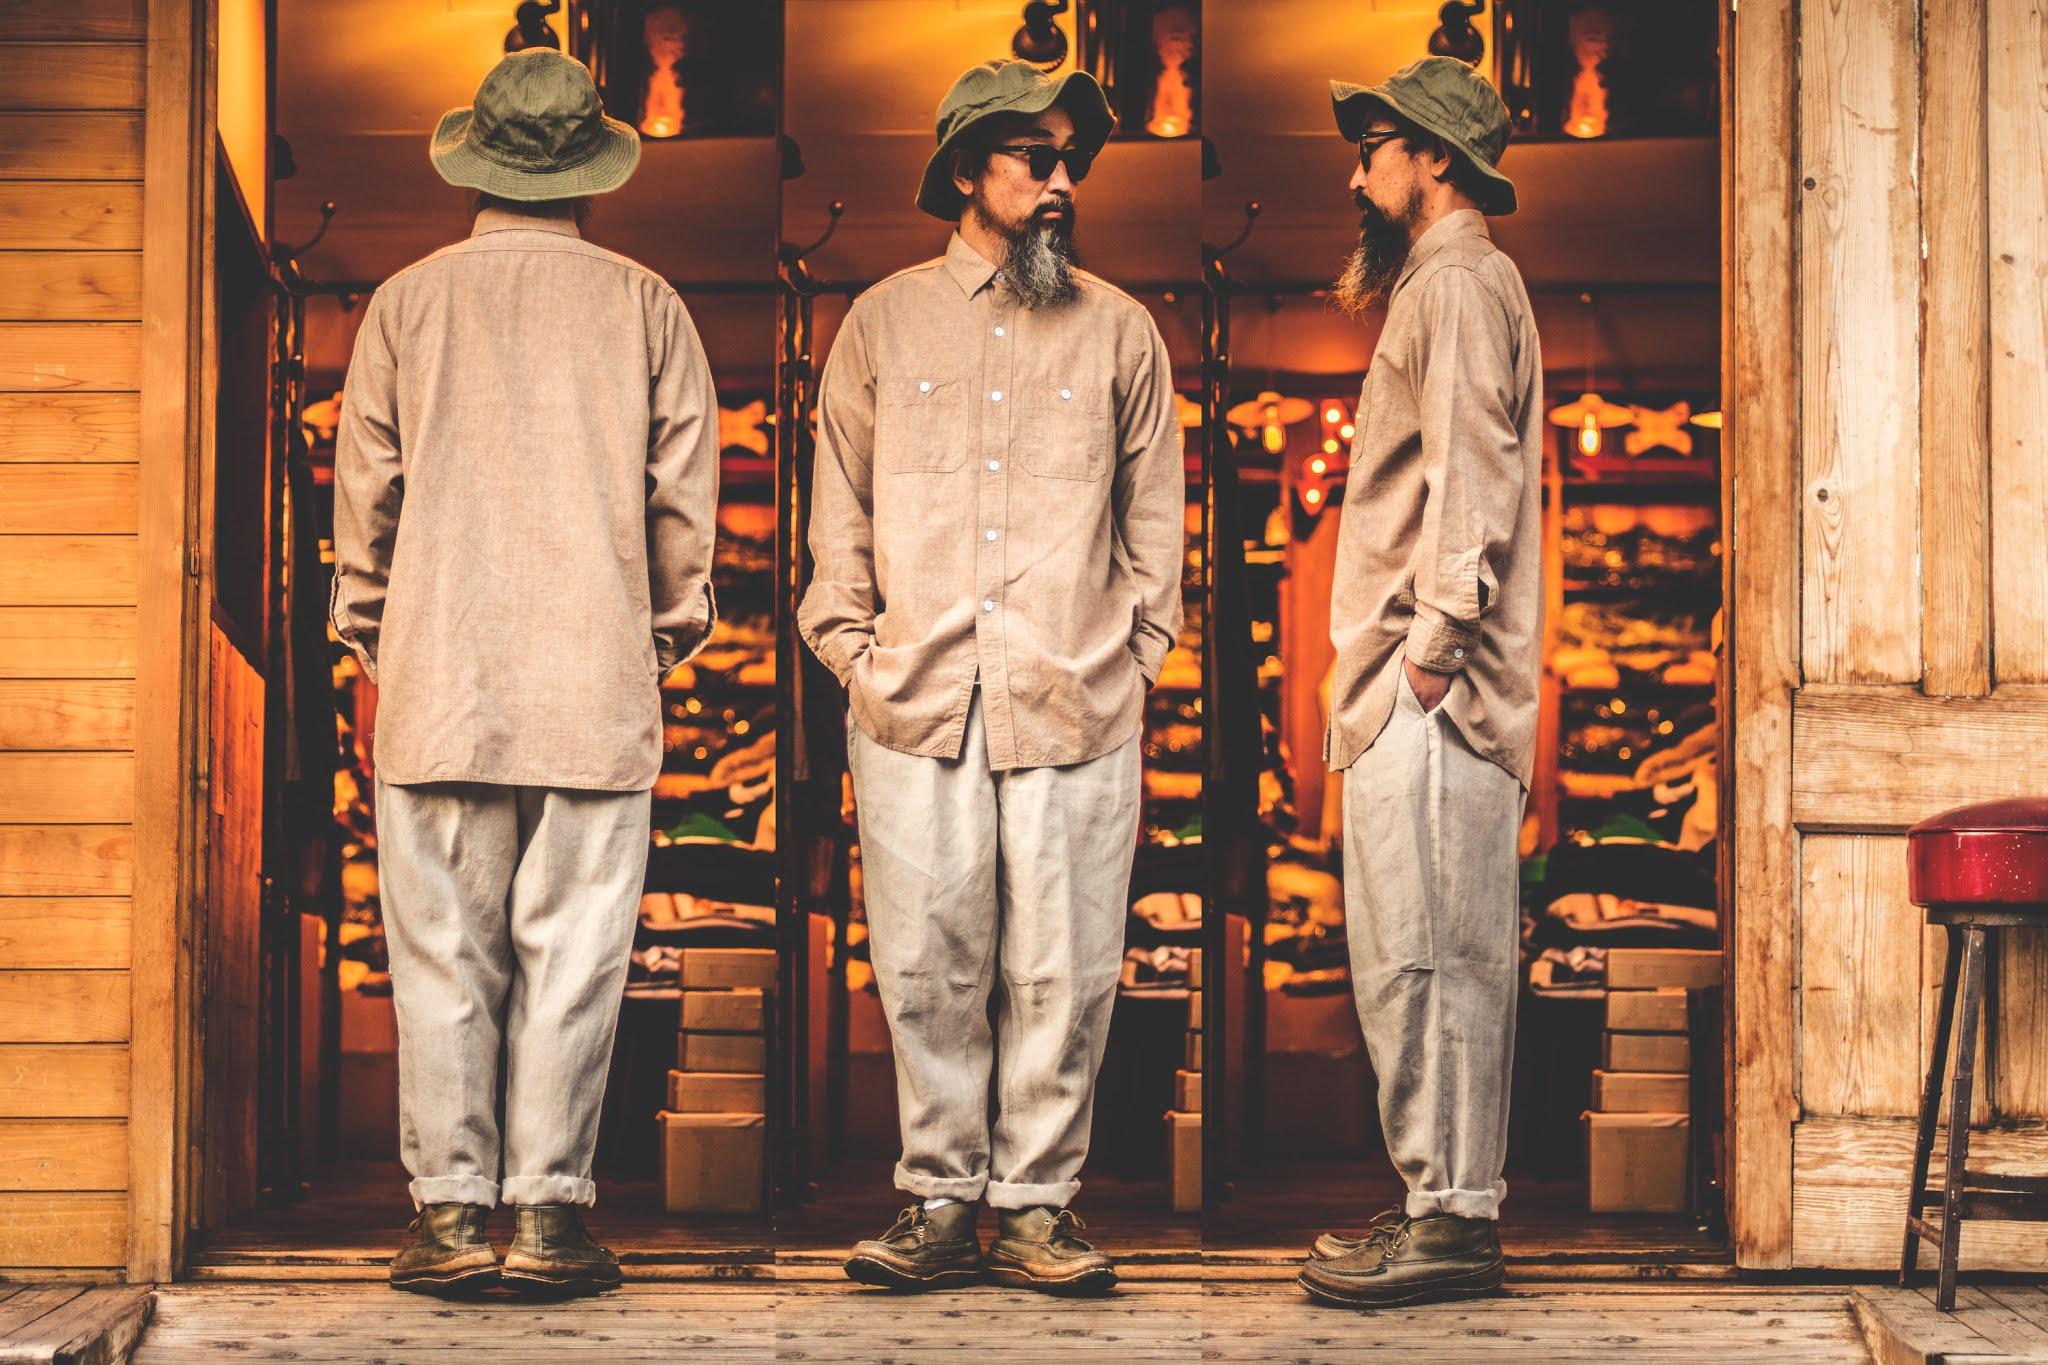 ワーカーズ シャンブレーシャツ ワークシャツ ヴィンテージ シルエット コーディネート 通販